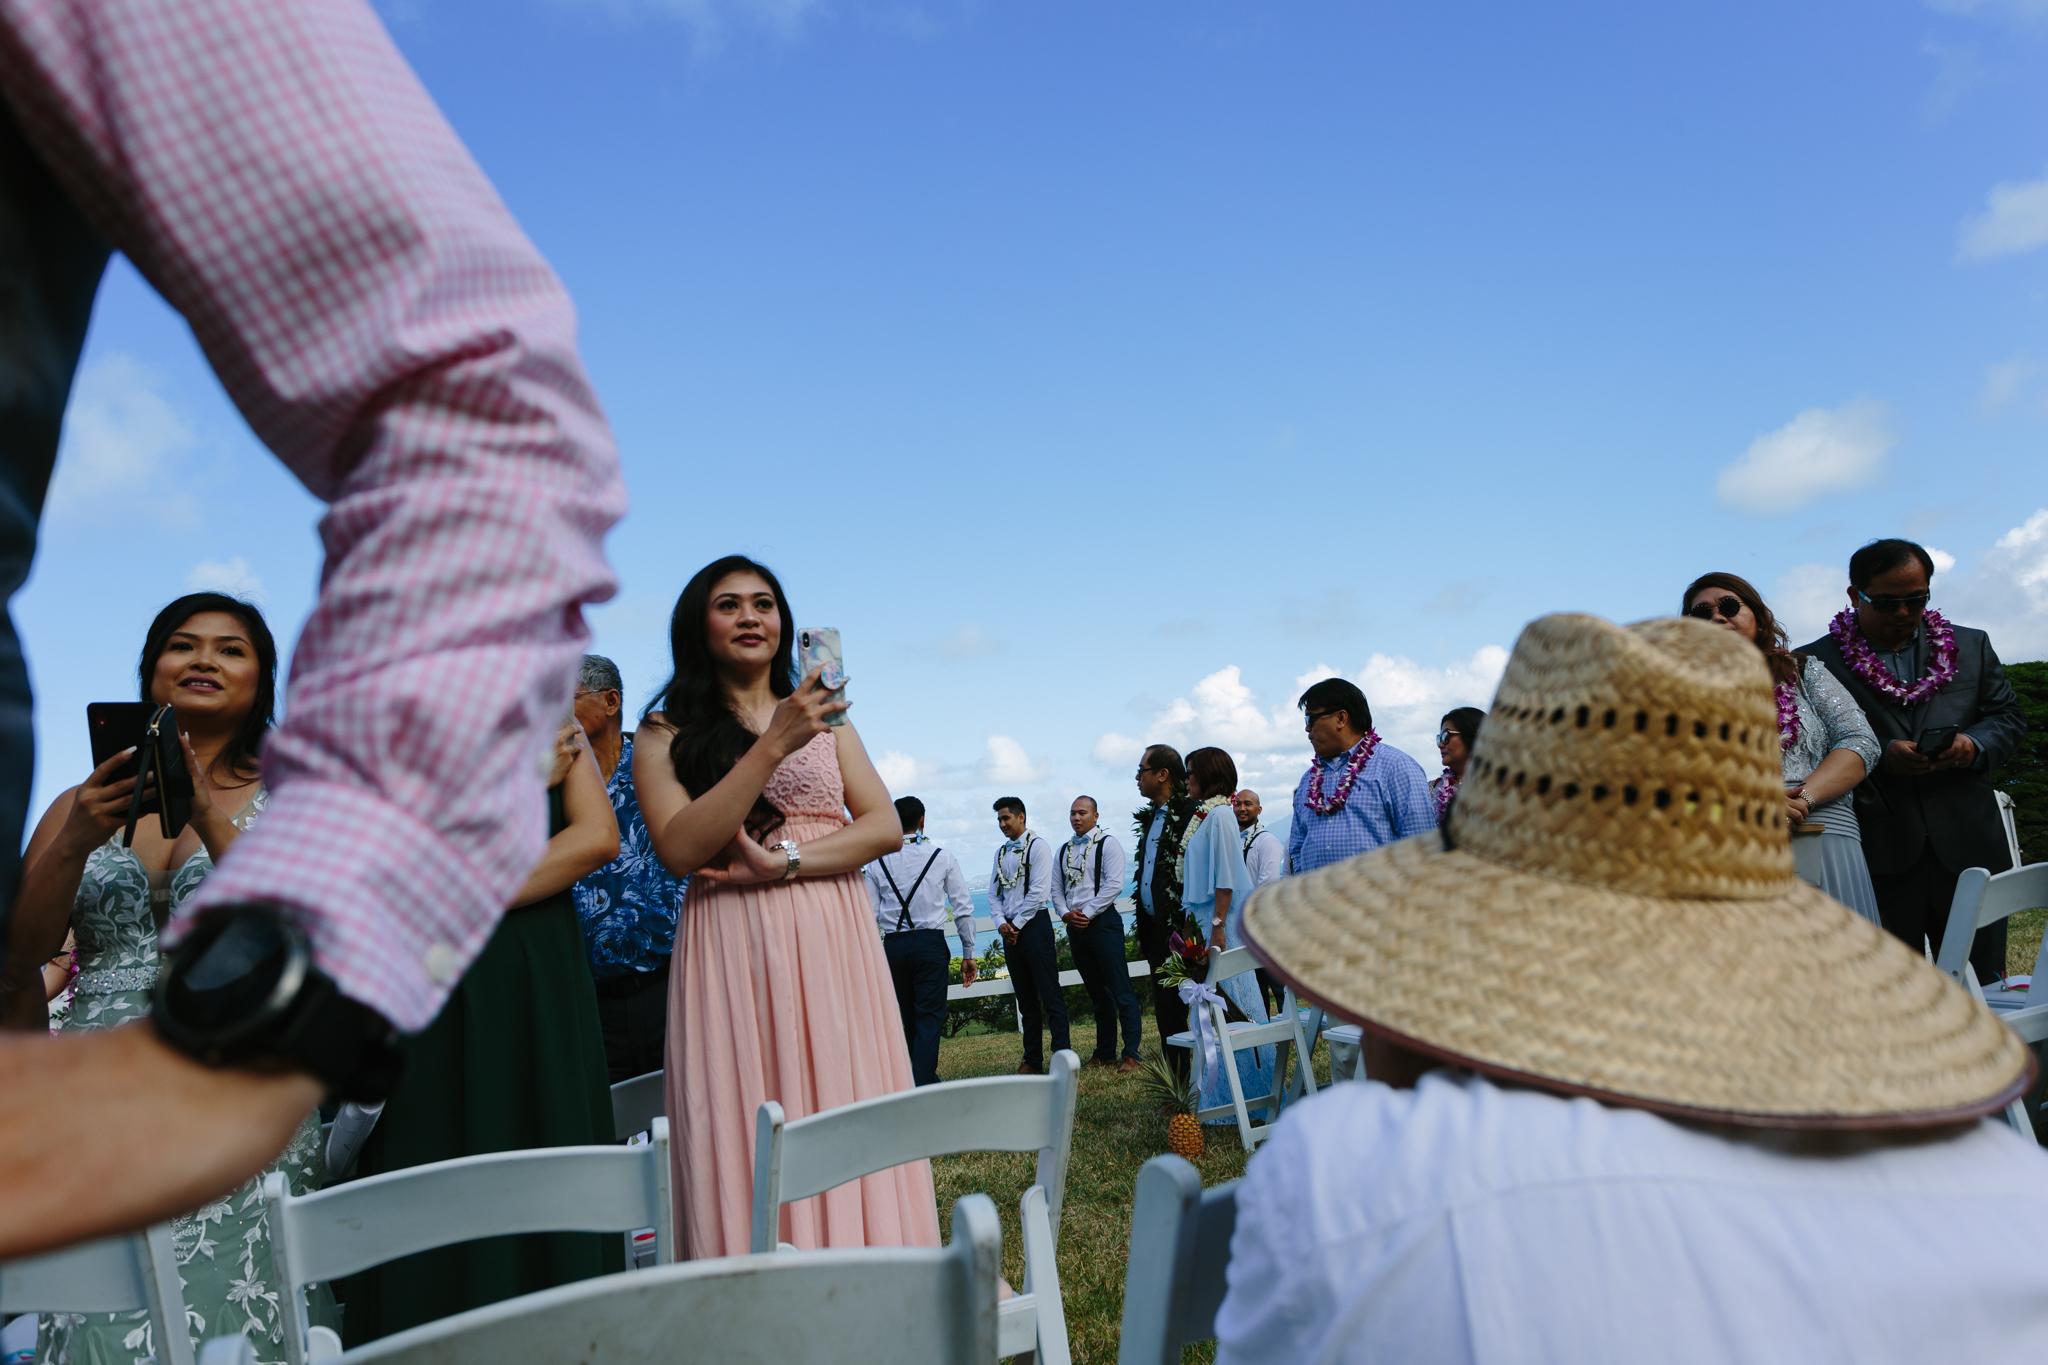 kualoa_ranch_wedding_photography_tone_hawaii-50.jpg